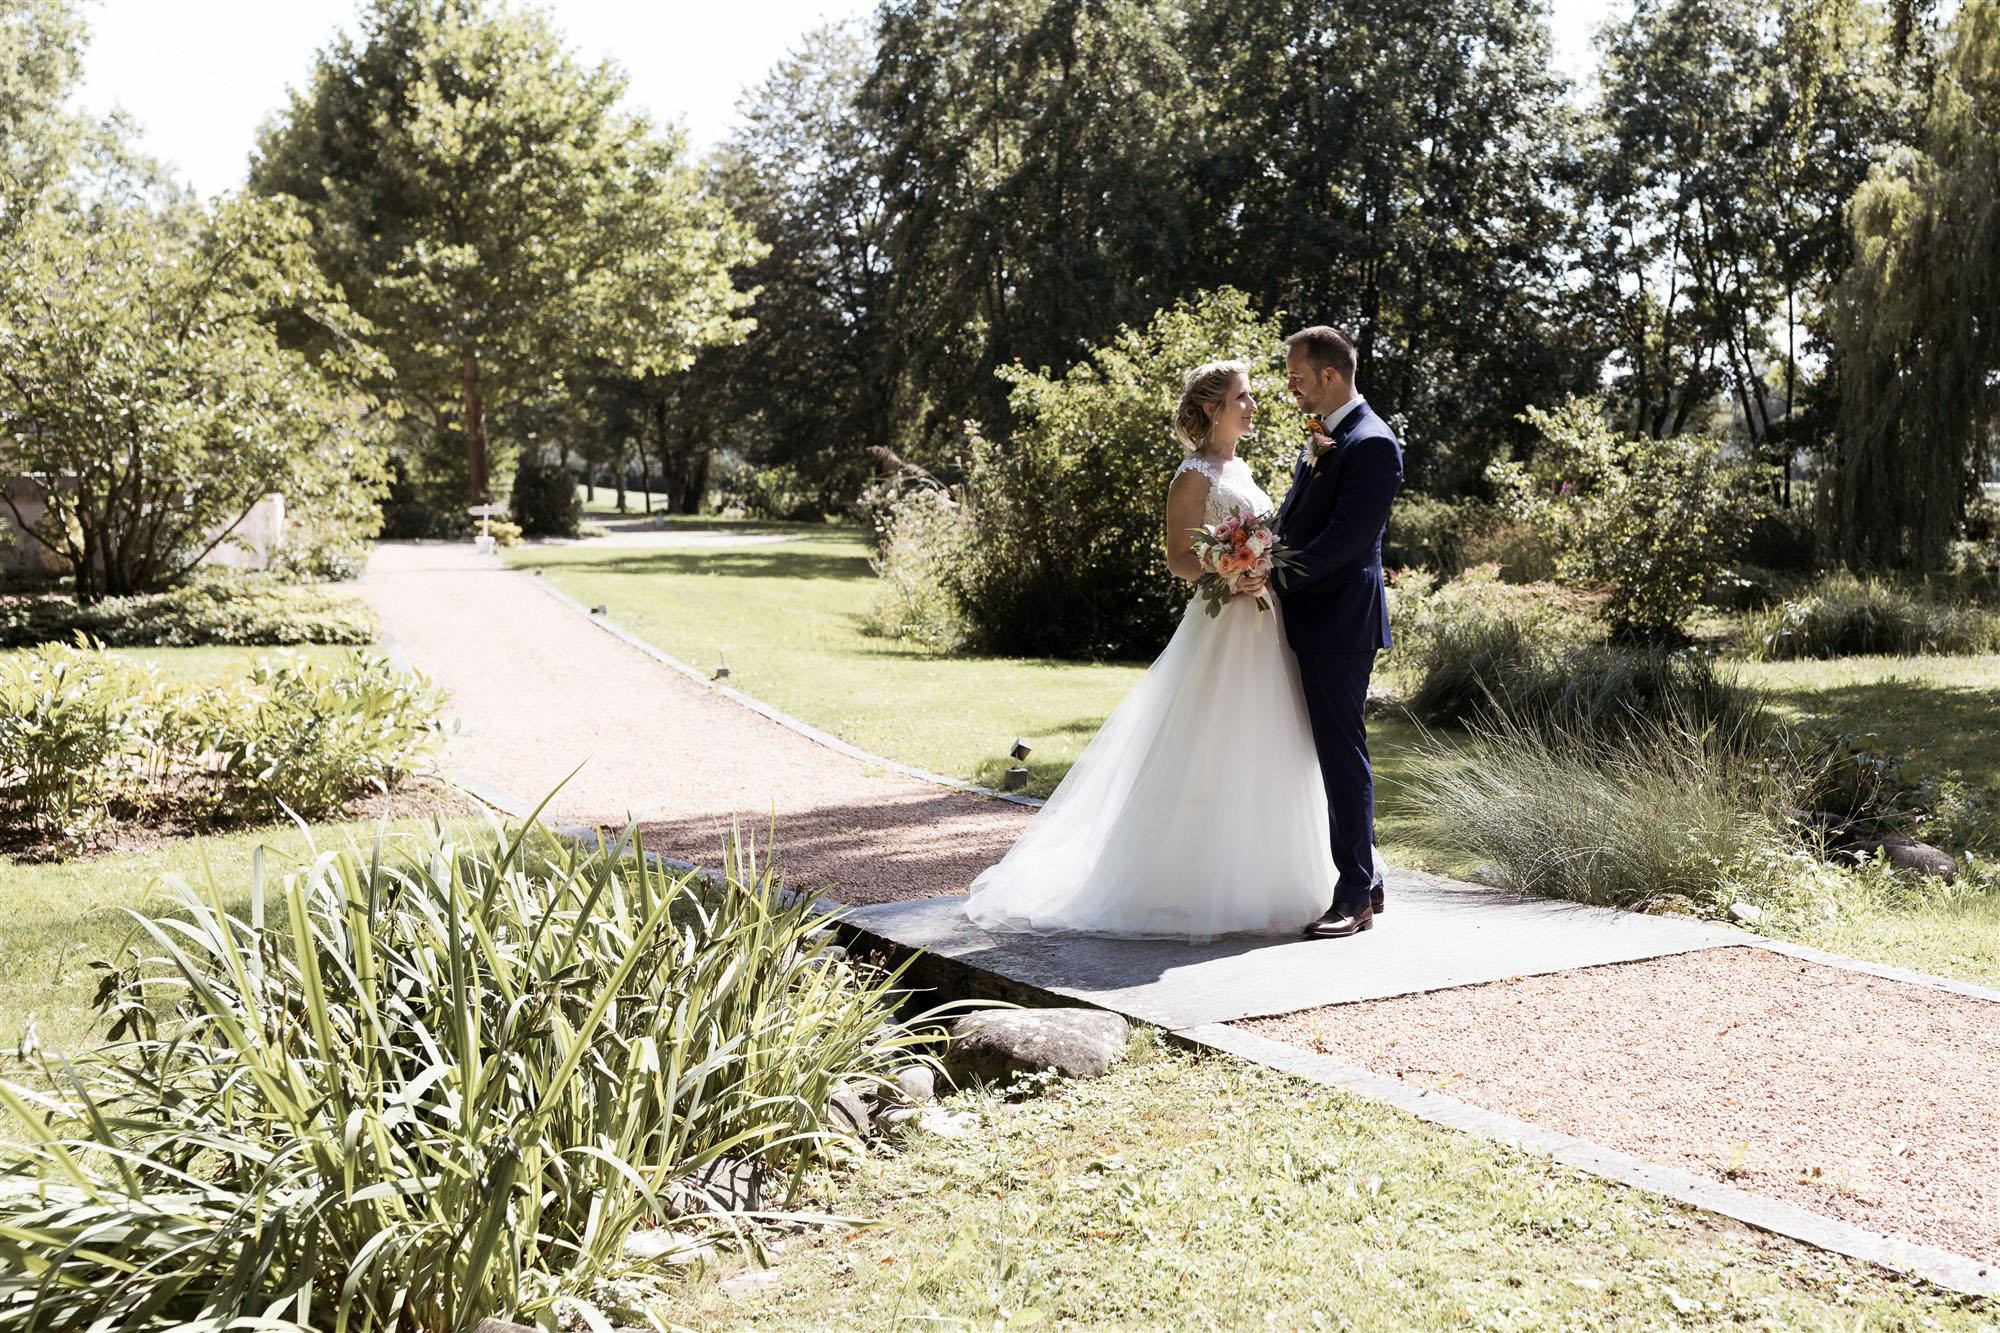 Hochzeit im Hirzen Pavillon - Das Brautpaar Fotoshooting in der Natur - Hochzeitsfotograf Basel